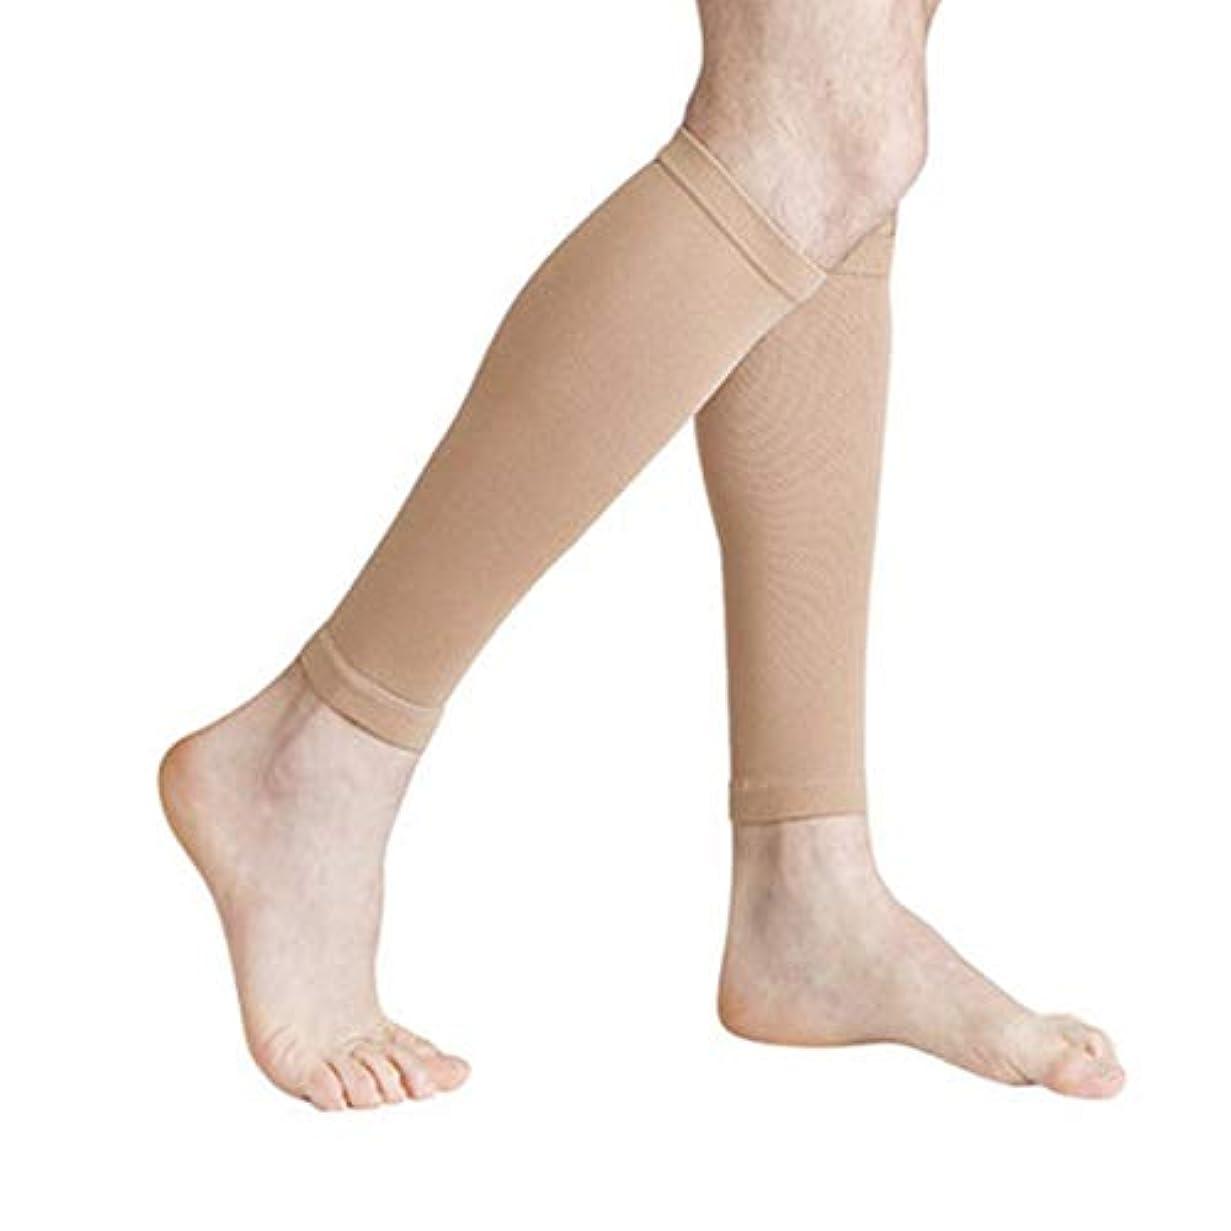 繁栄するスリップ祝福する丈夫な男性女性プロの圧縮靴下通気性のある旅行活動看護師用シントスプリントフライトトラベル - 肌色